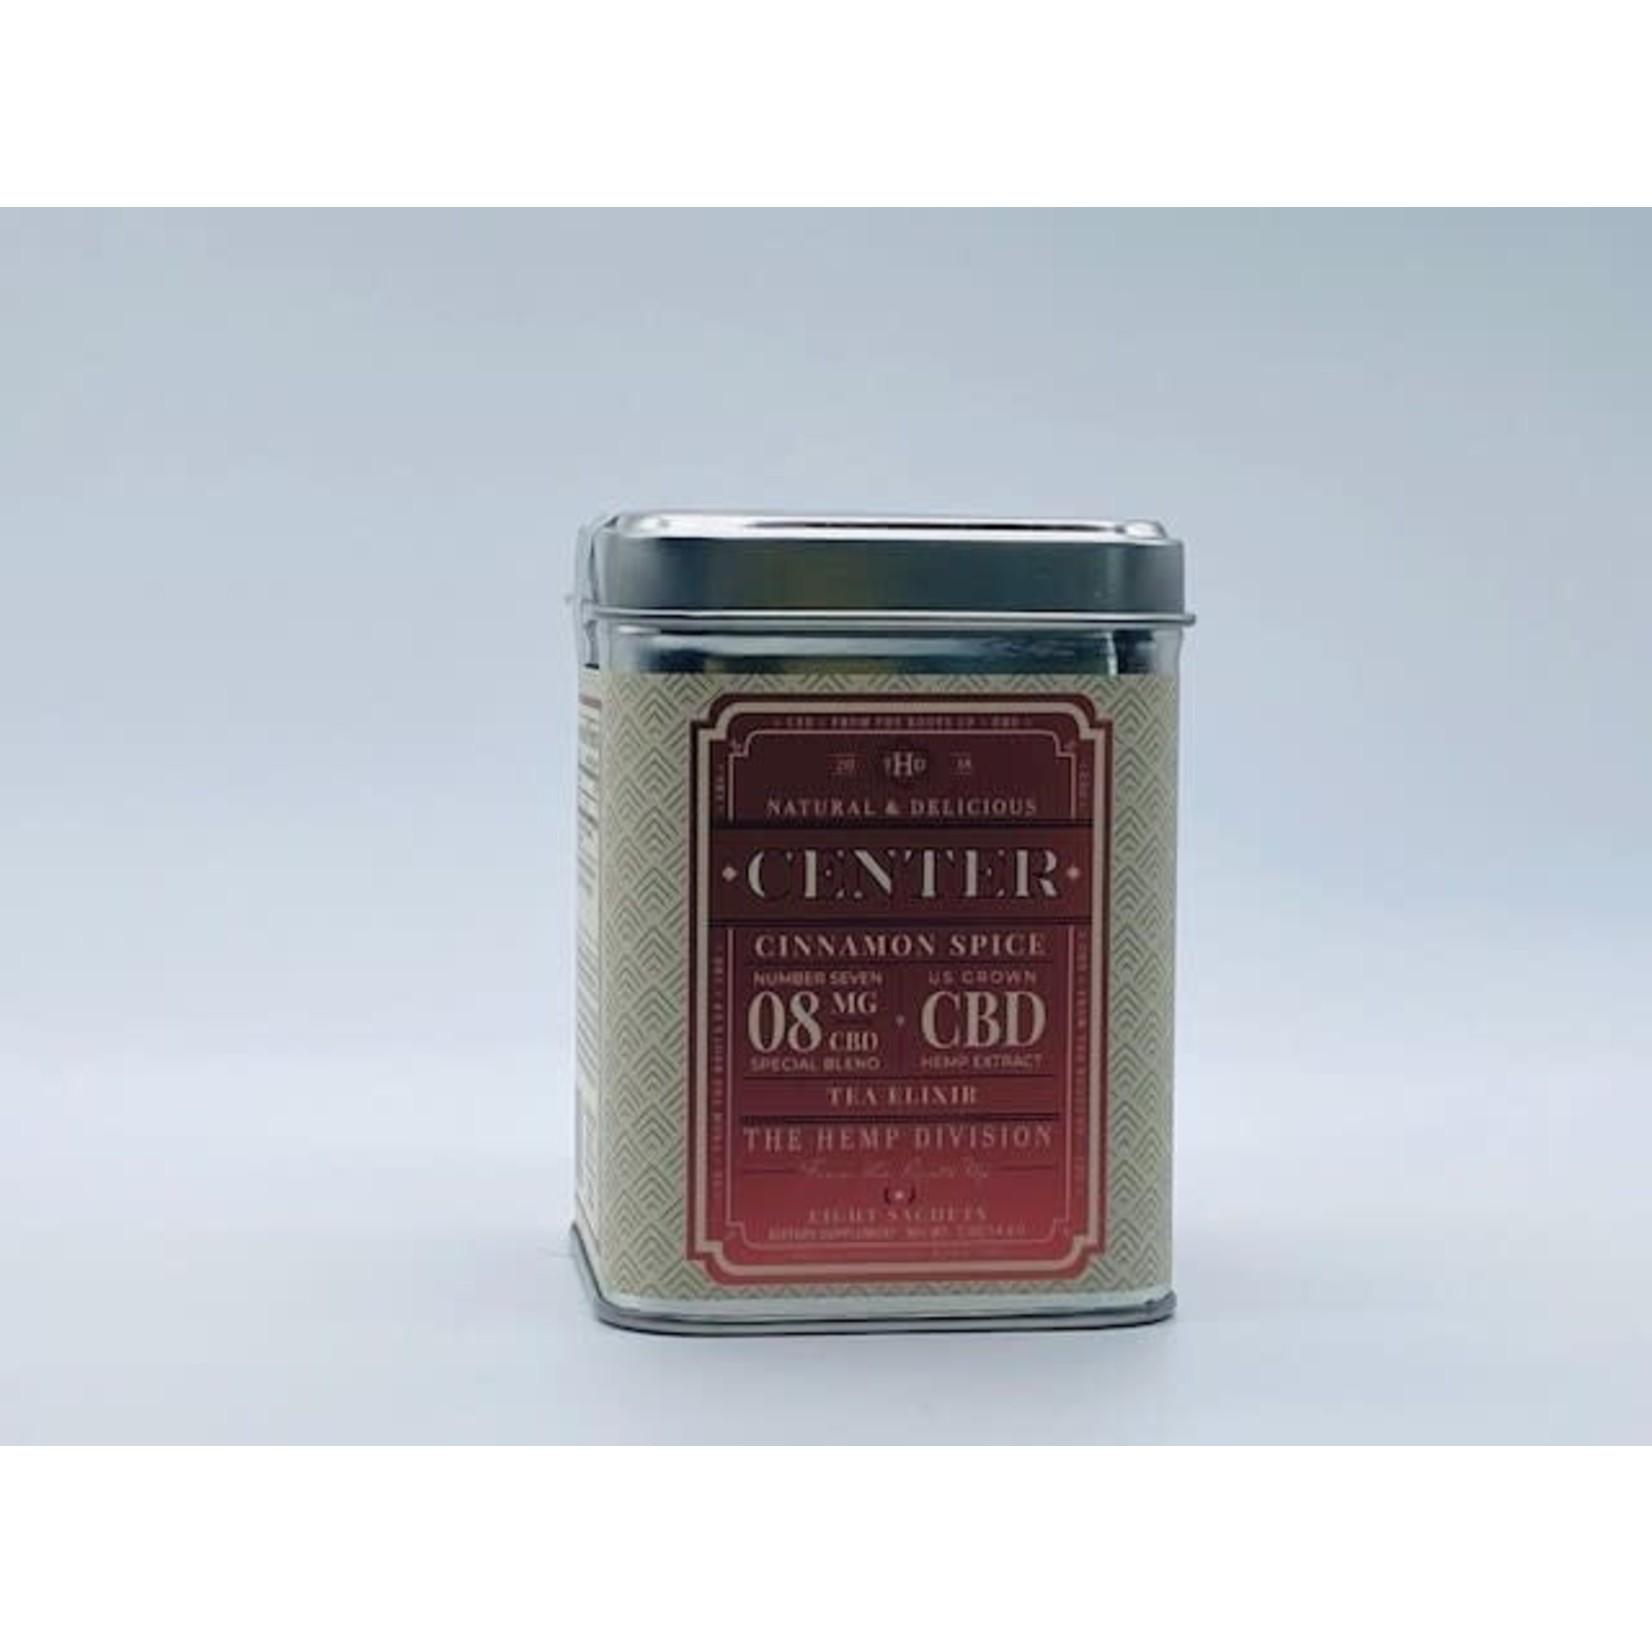 Harney & Sons H&S Center Cinnamon Spice Tea 8mg